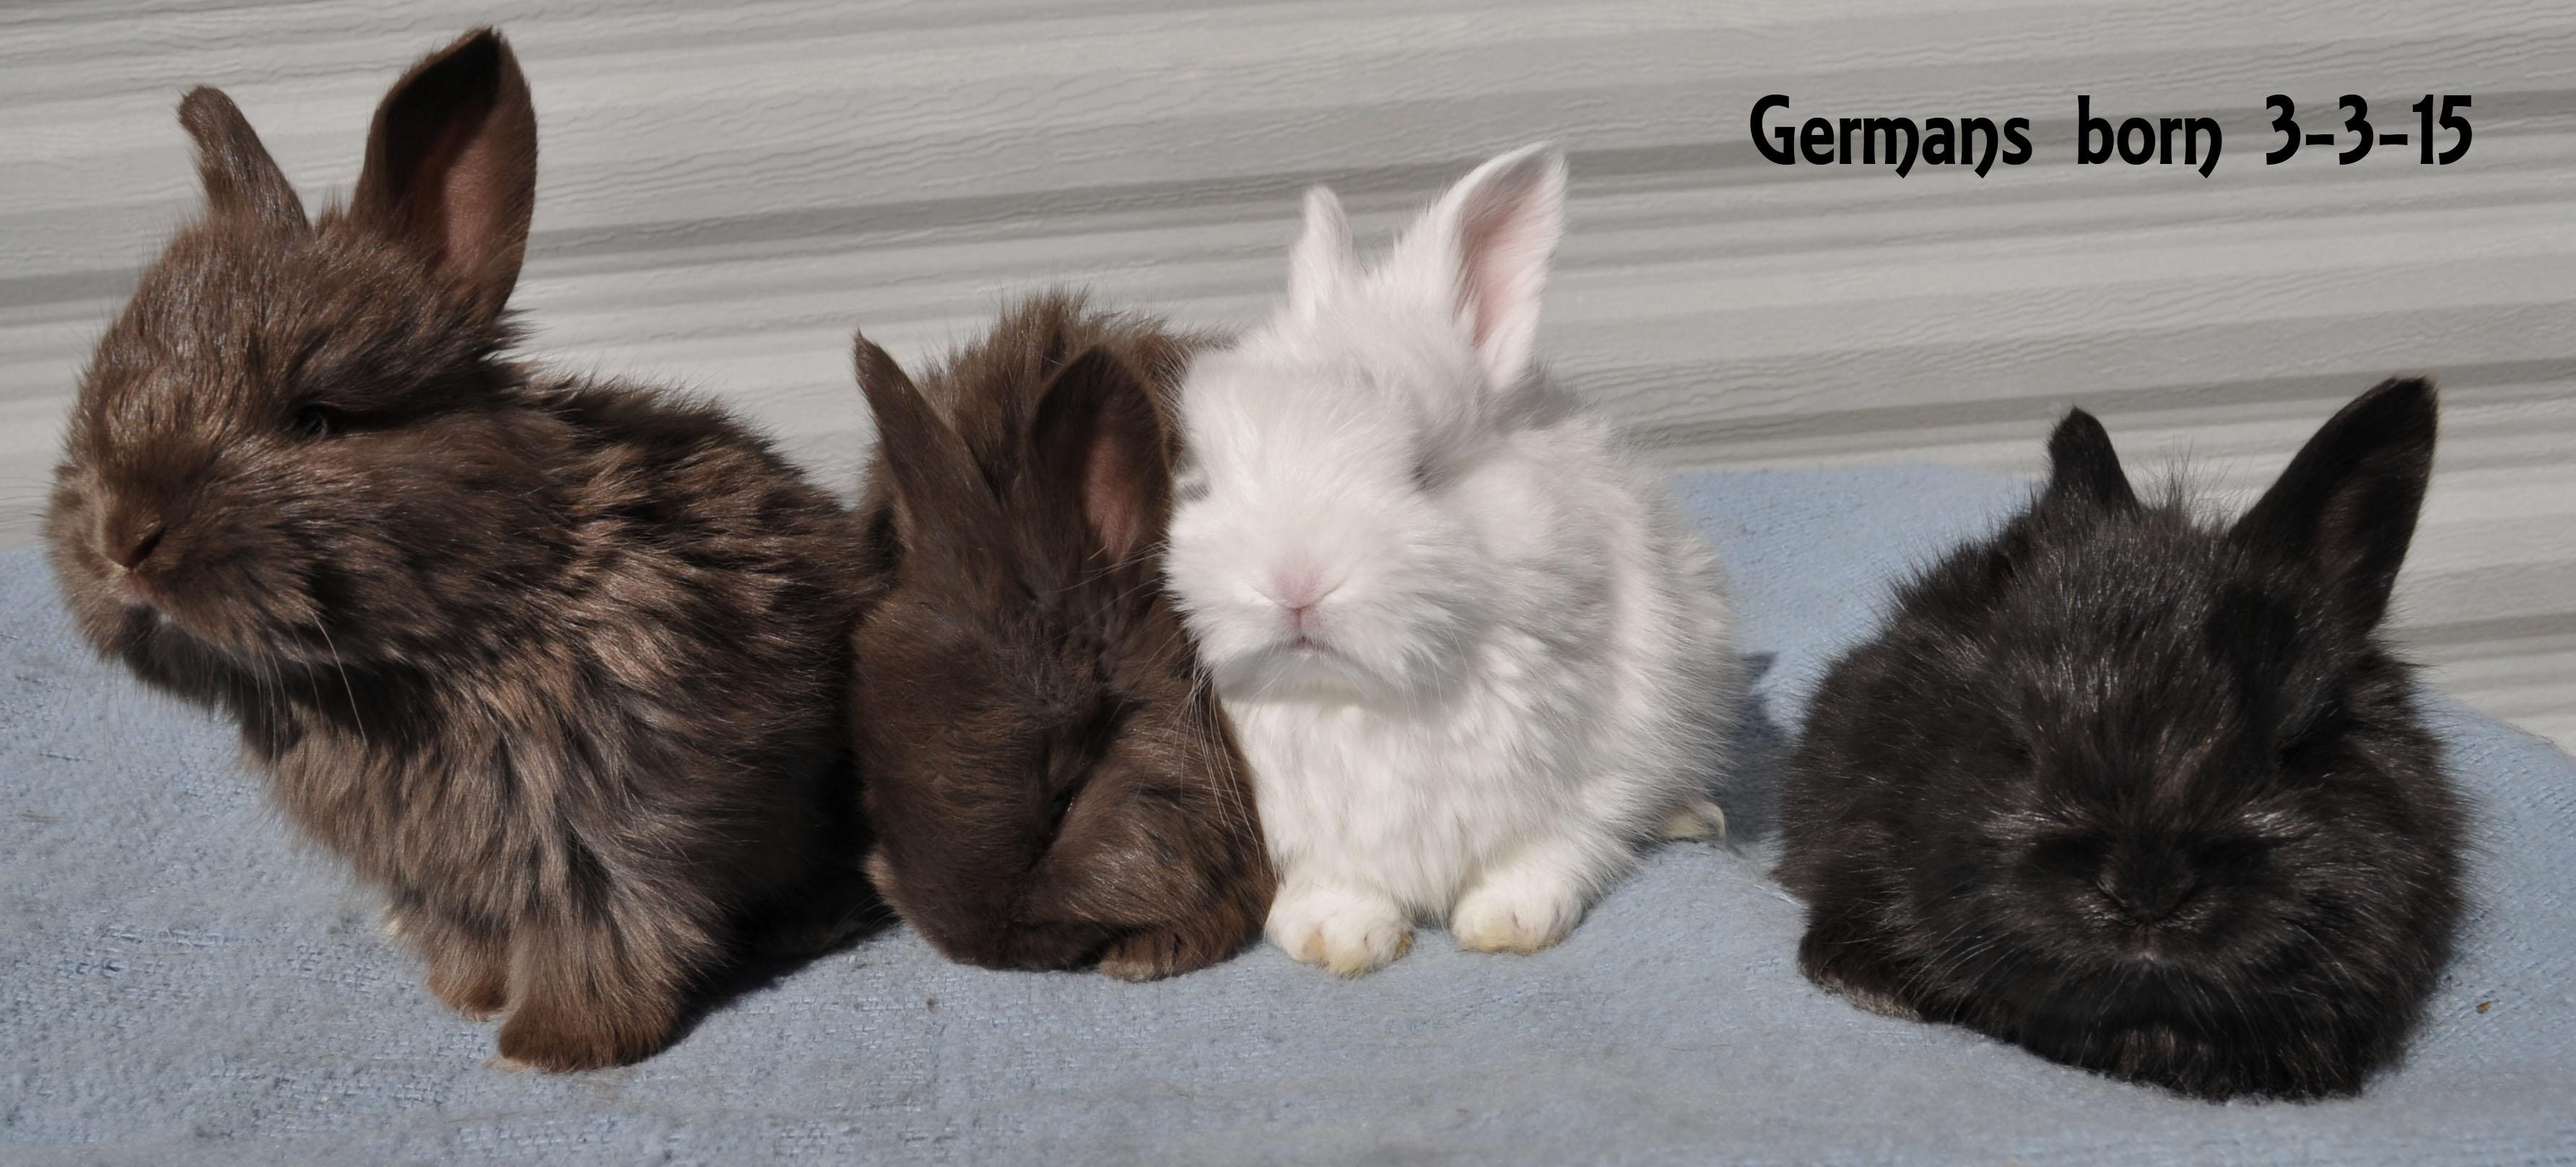 German angora babies